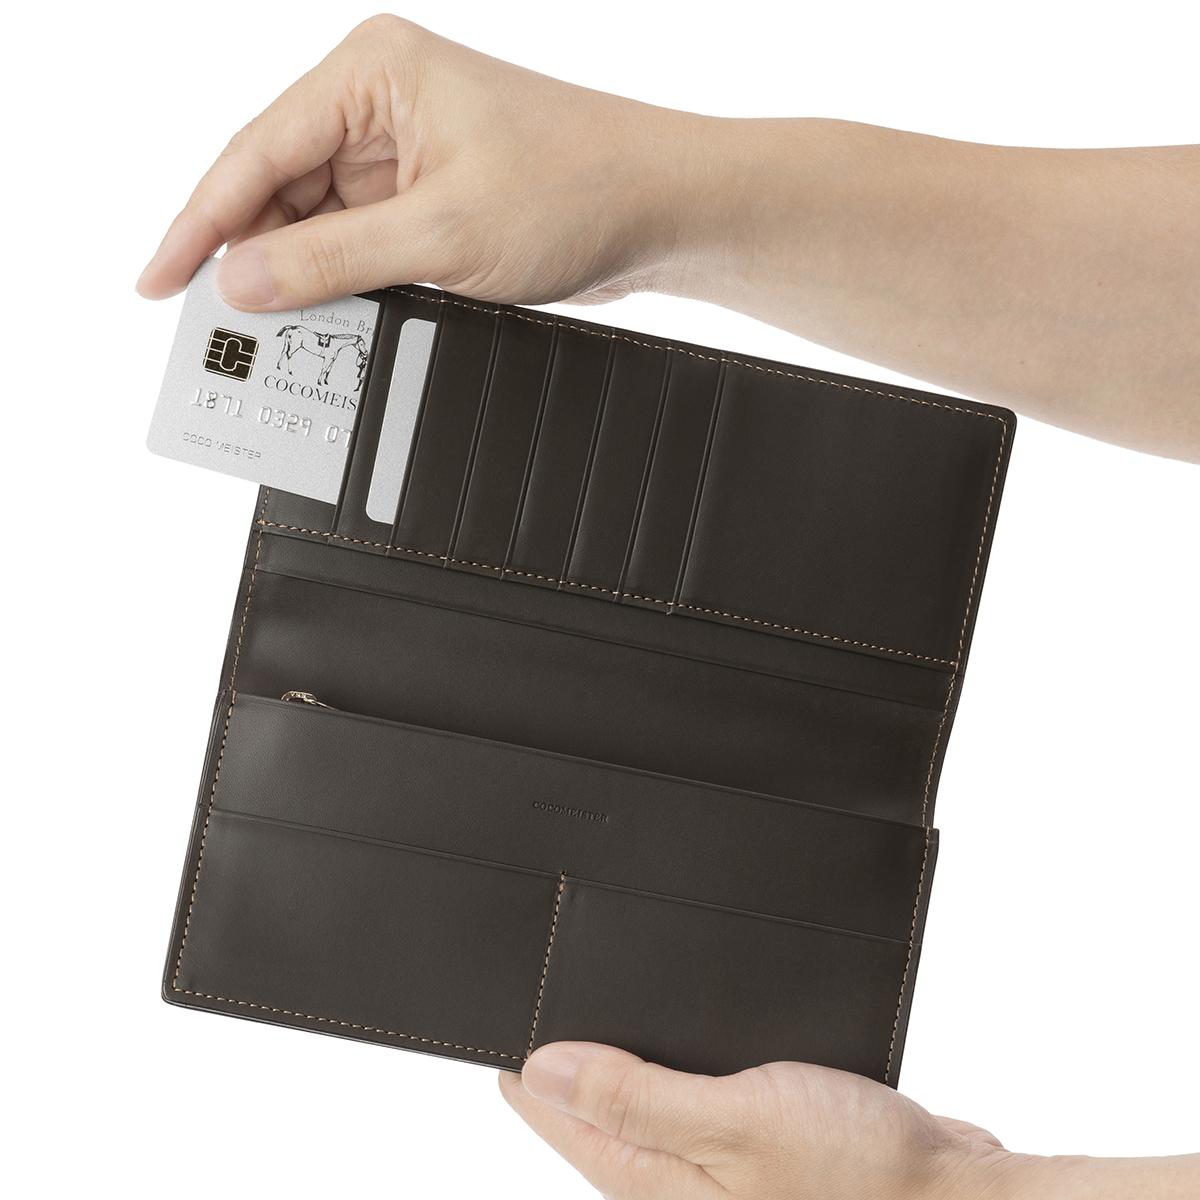 コードバンクラシック・シャーラックのカードポケット